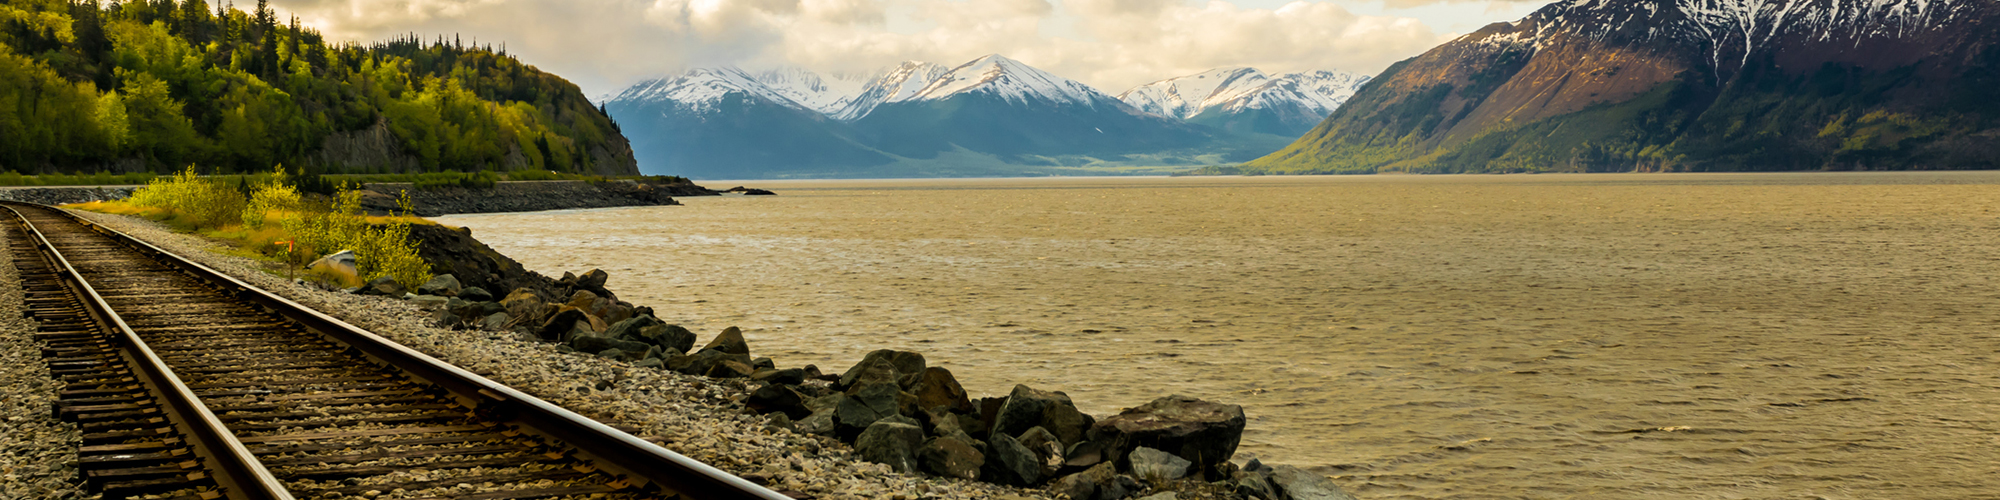 Alaska, un viaje a la última frontera - El País Viajes